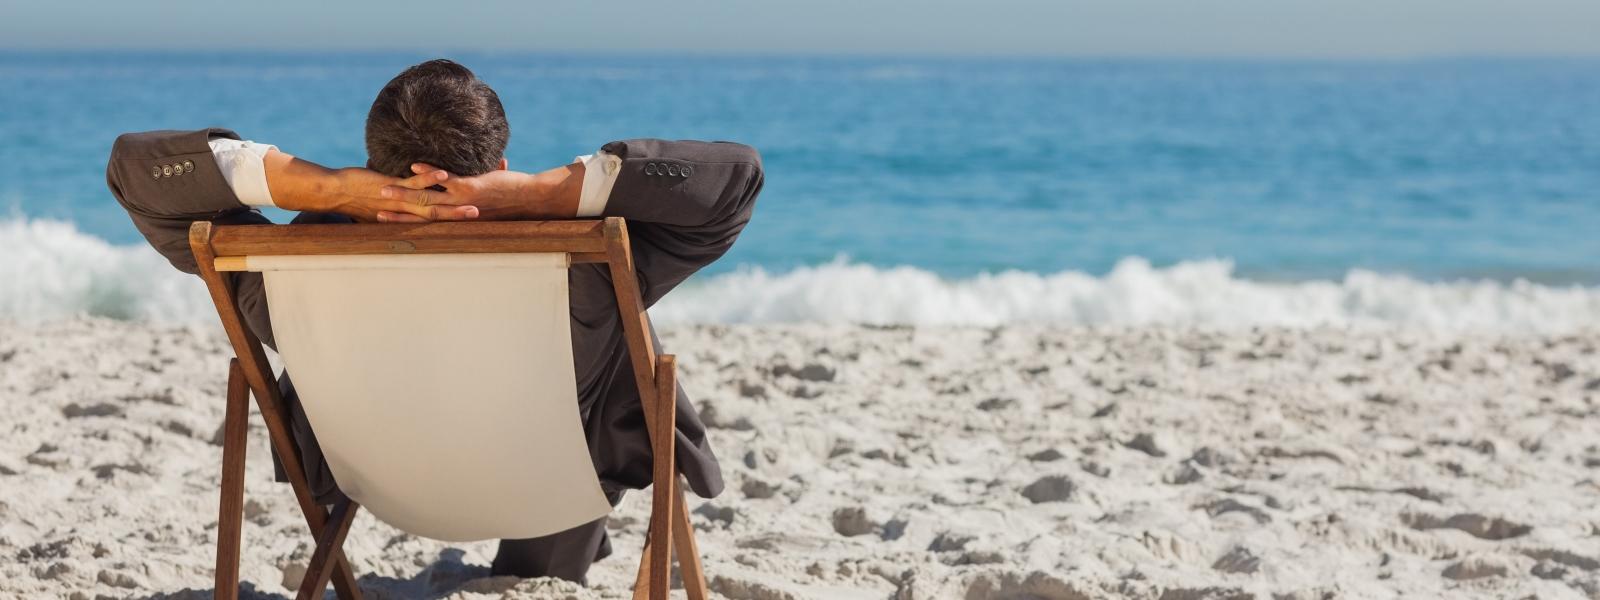 A munkaidő és pihenőidő szabályainak megsértése